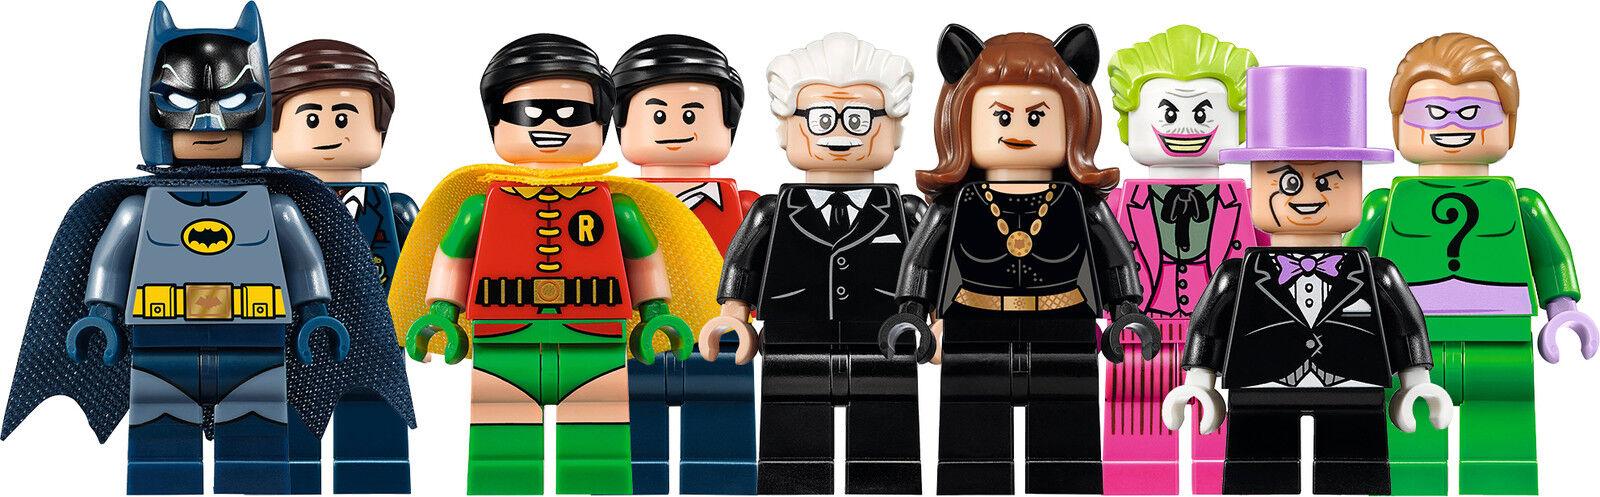 Nouveau  LEGO  Bathomme Classic TV Series une Batcave 76052 Mini Figurines-Collectionneurs  choix à bas prix